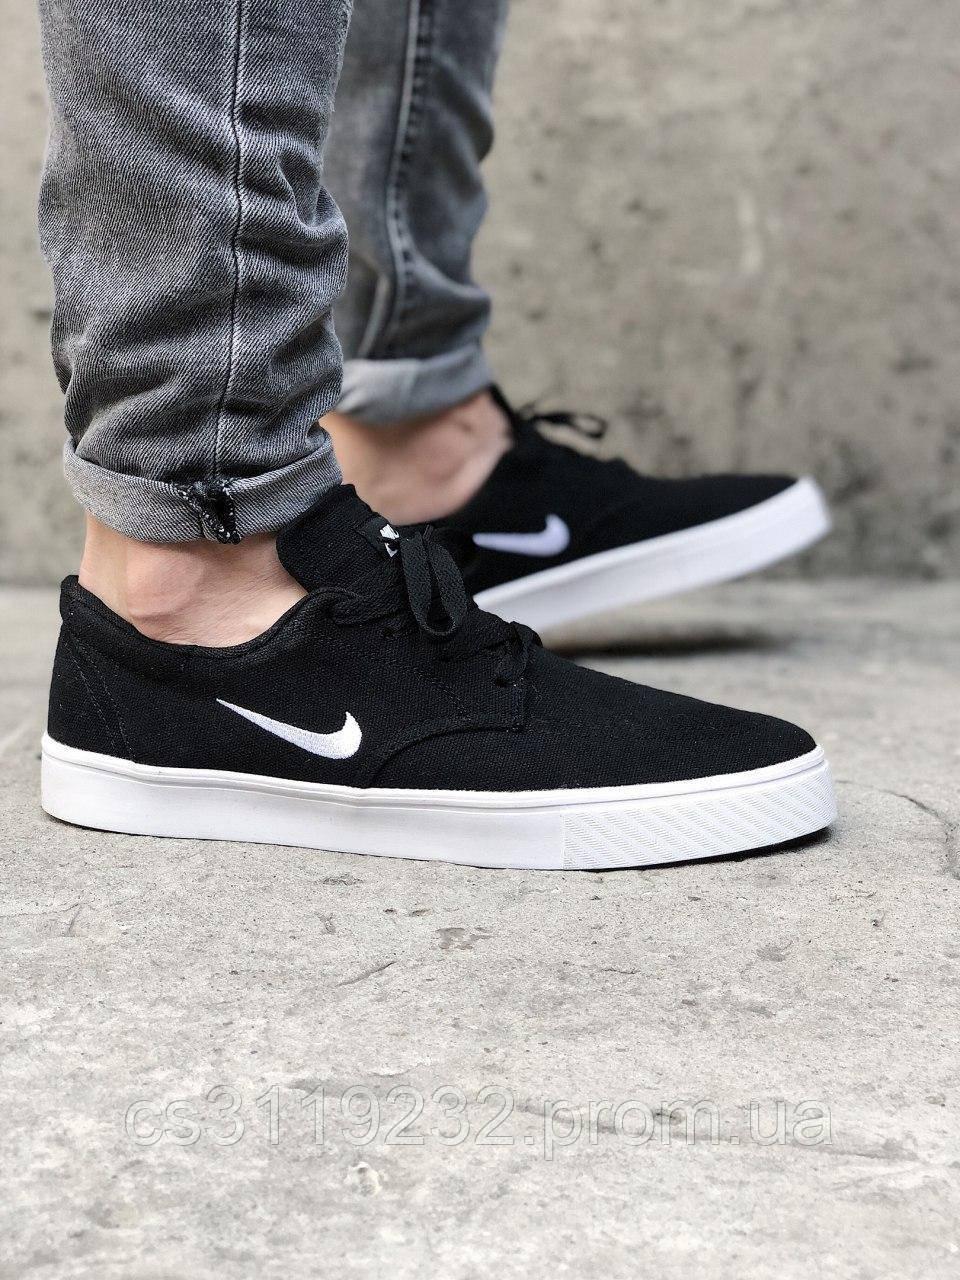 Мужские кроссовки Nike SB Clutch Sketeboarding (черные)